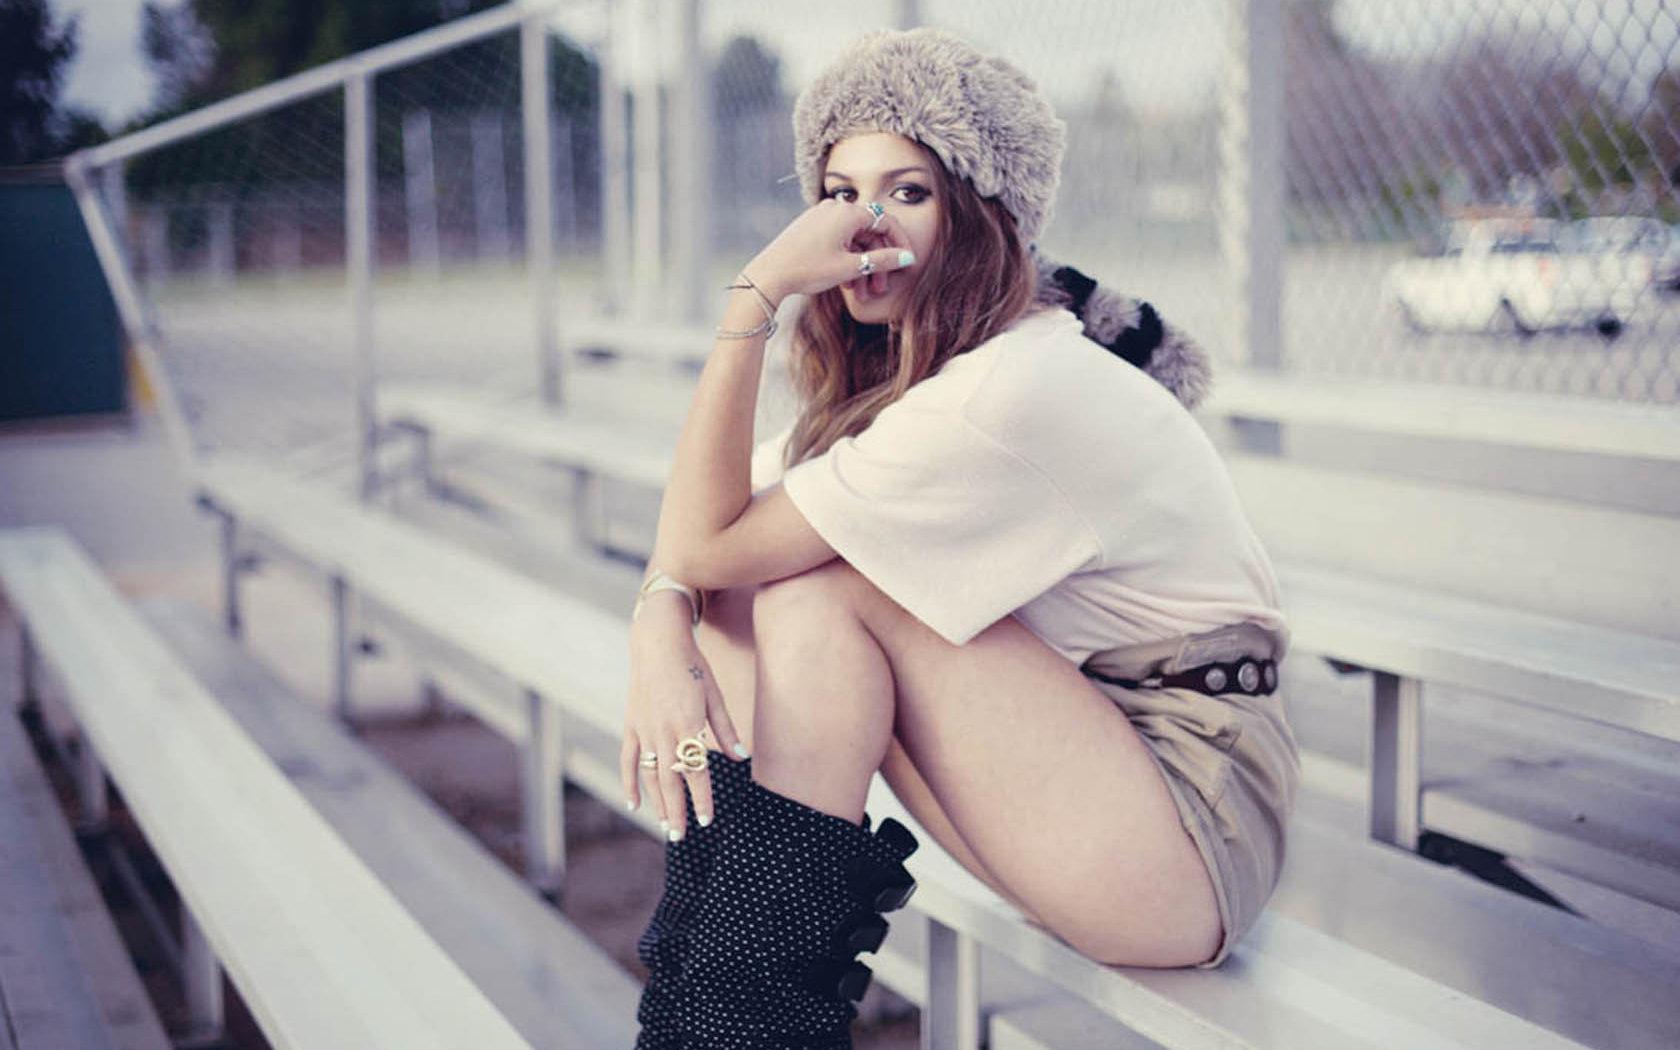 Русские девочки с анльной пробкой соло порно виде 14 фотография